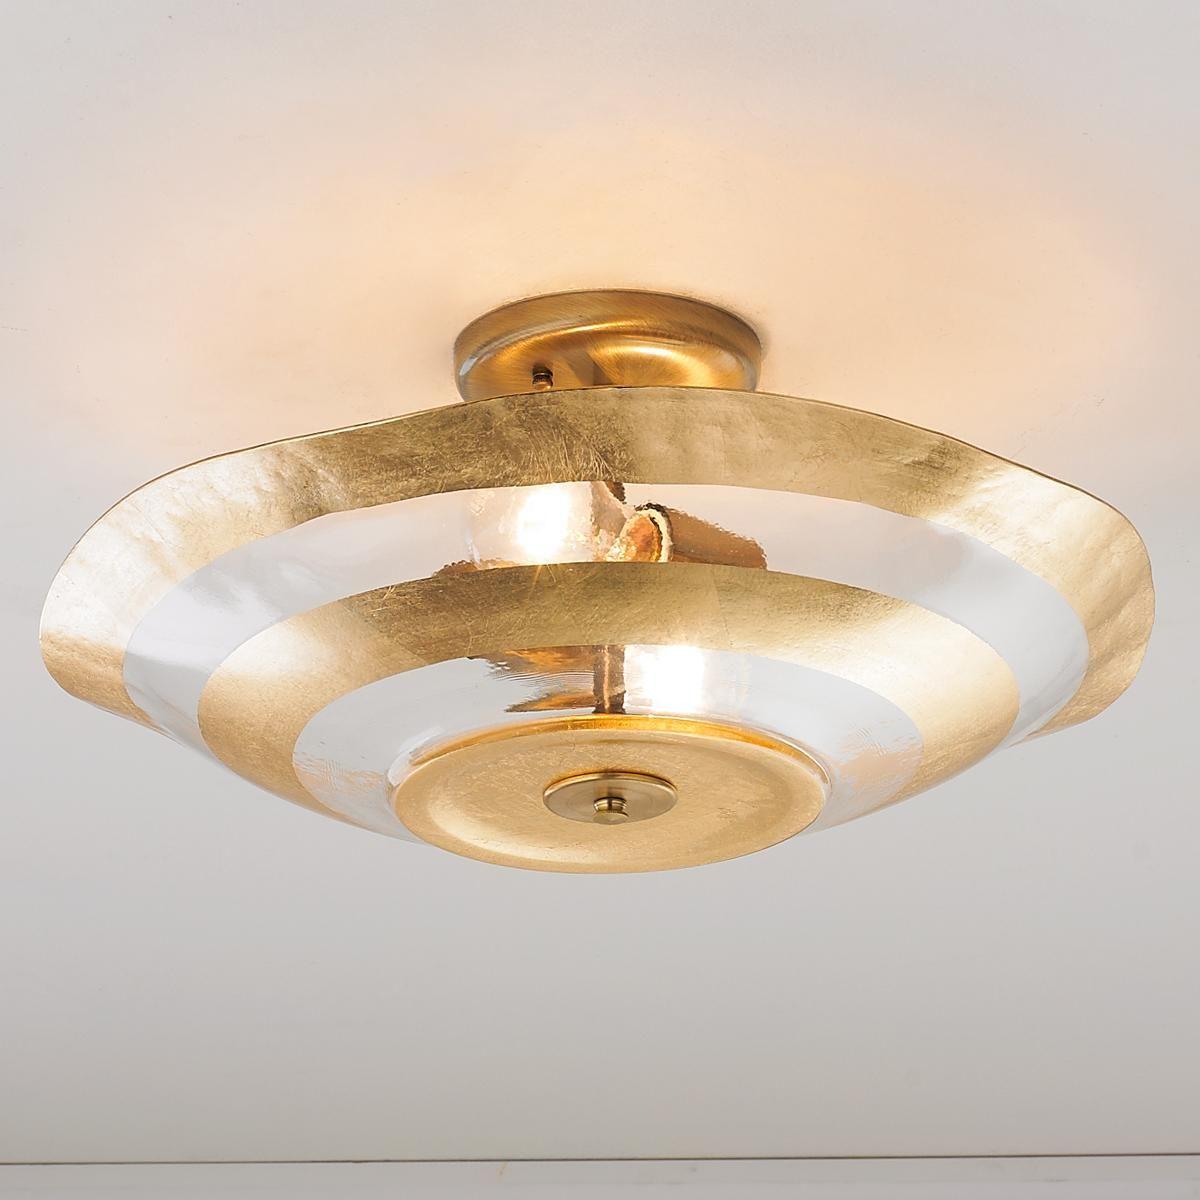 Metallic Rings Glass Ceiling Light Glass Ceiling Lights Ceiling Lights Gold Ceiling Light